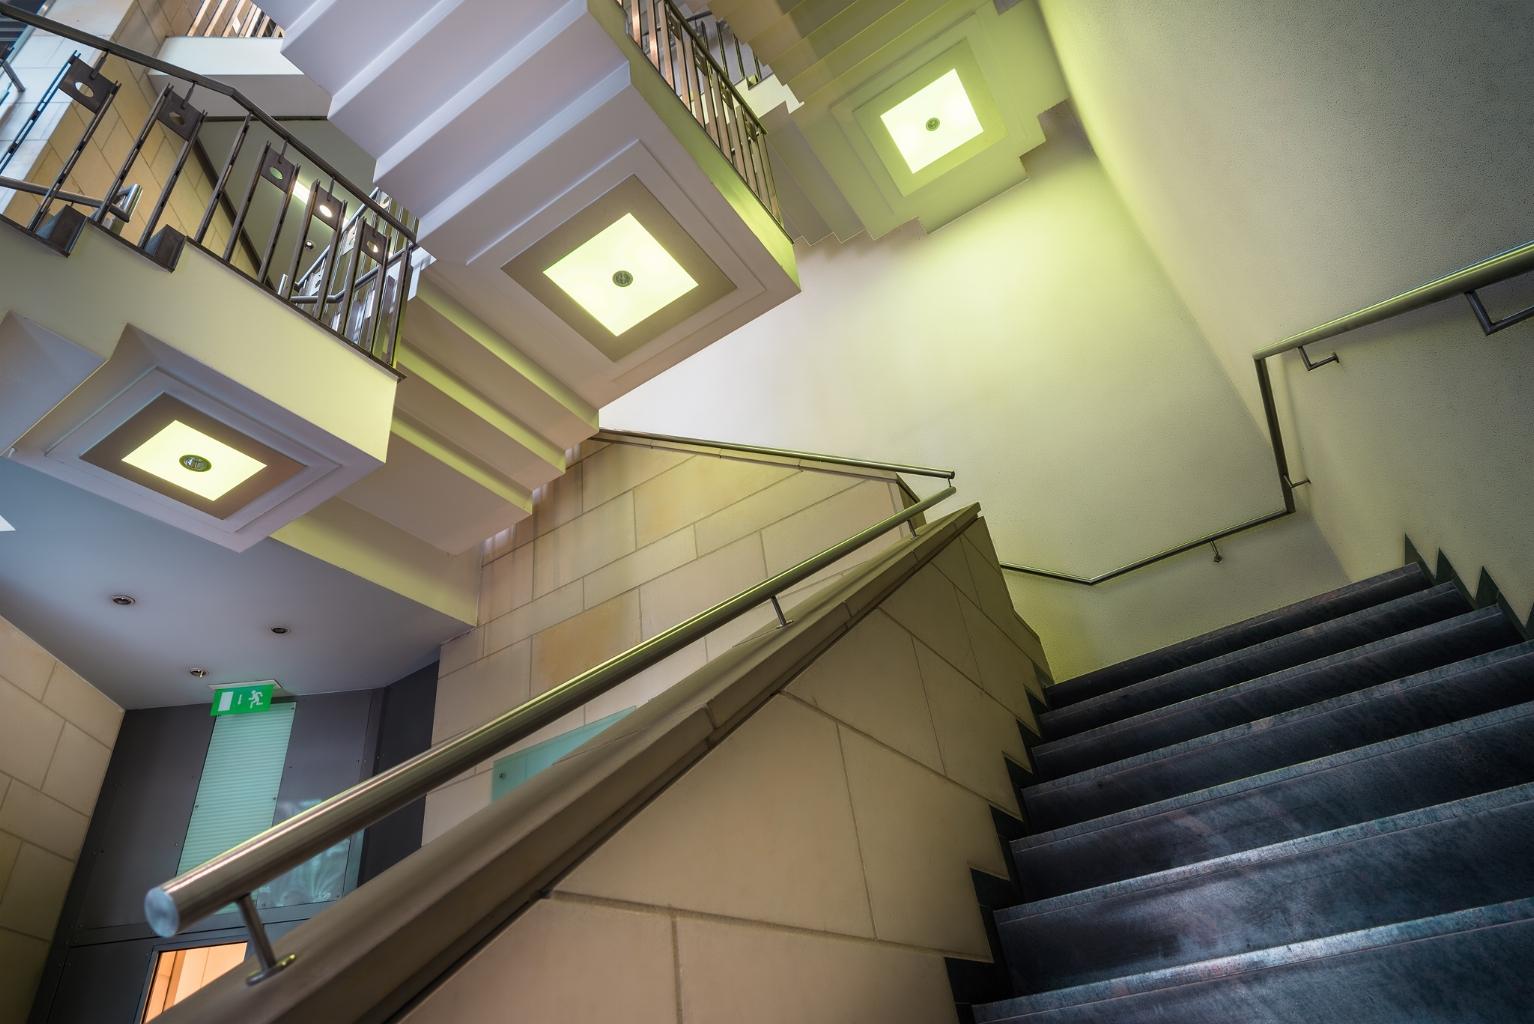 Fotograf für Immobilien: Einzigartige Perspektiven für atemberaubende Architekturaufnahmen